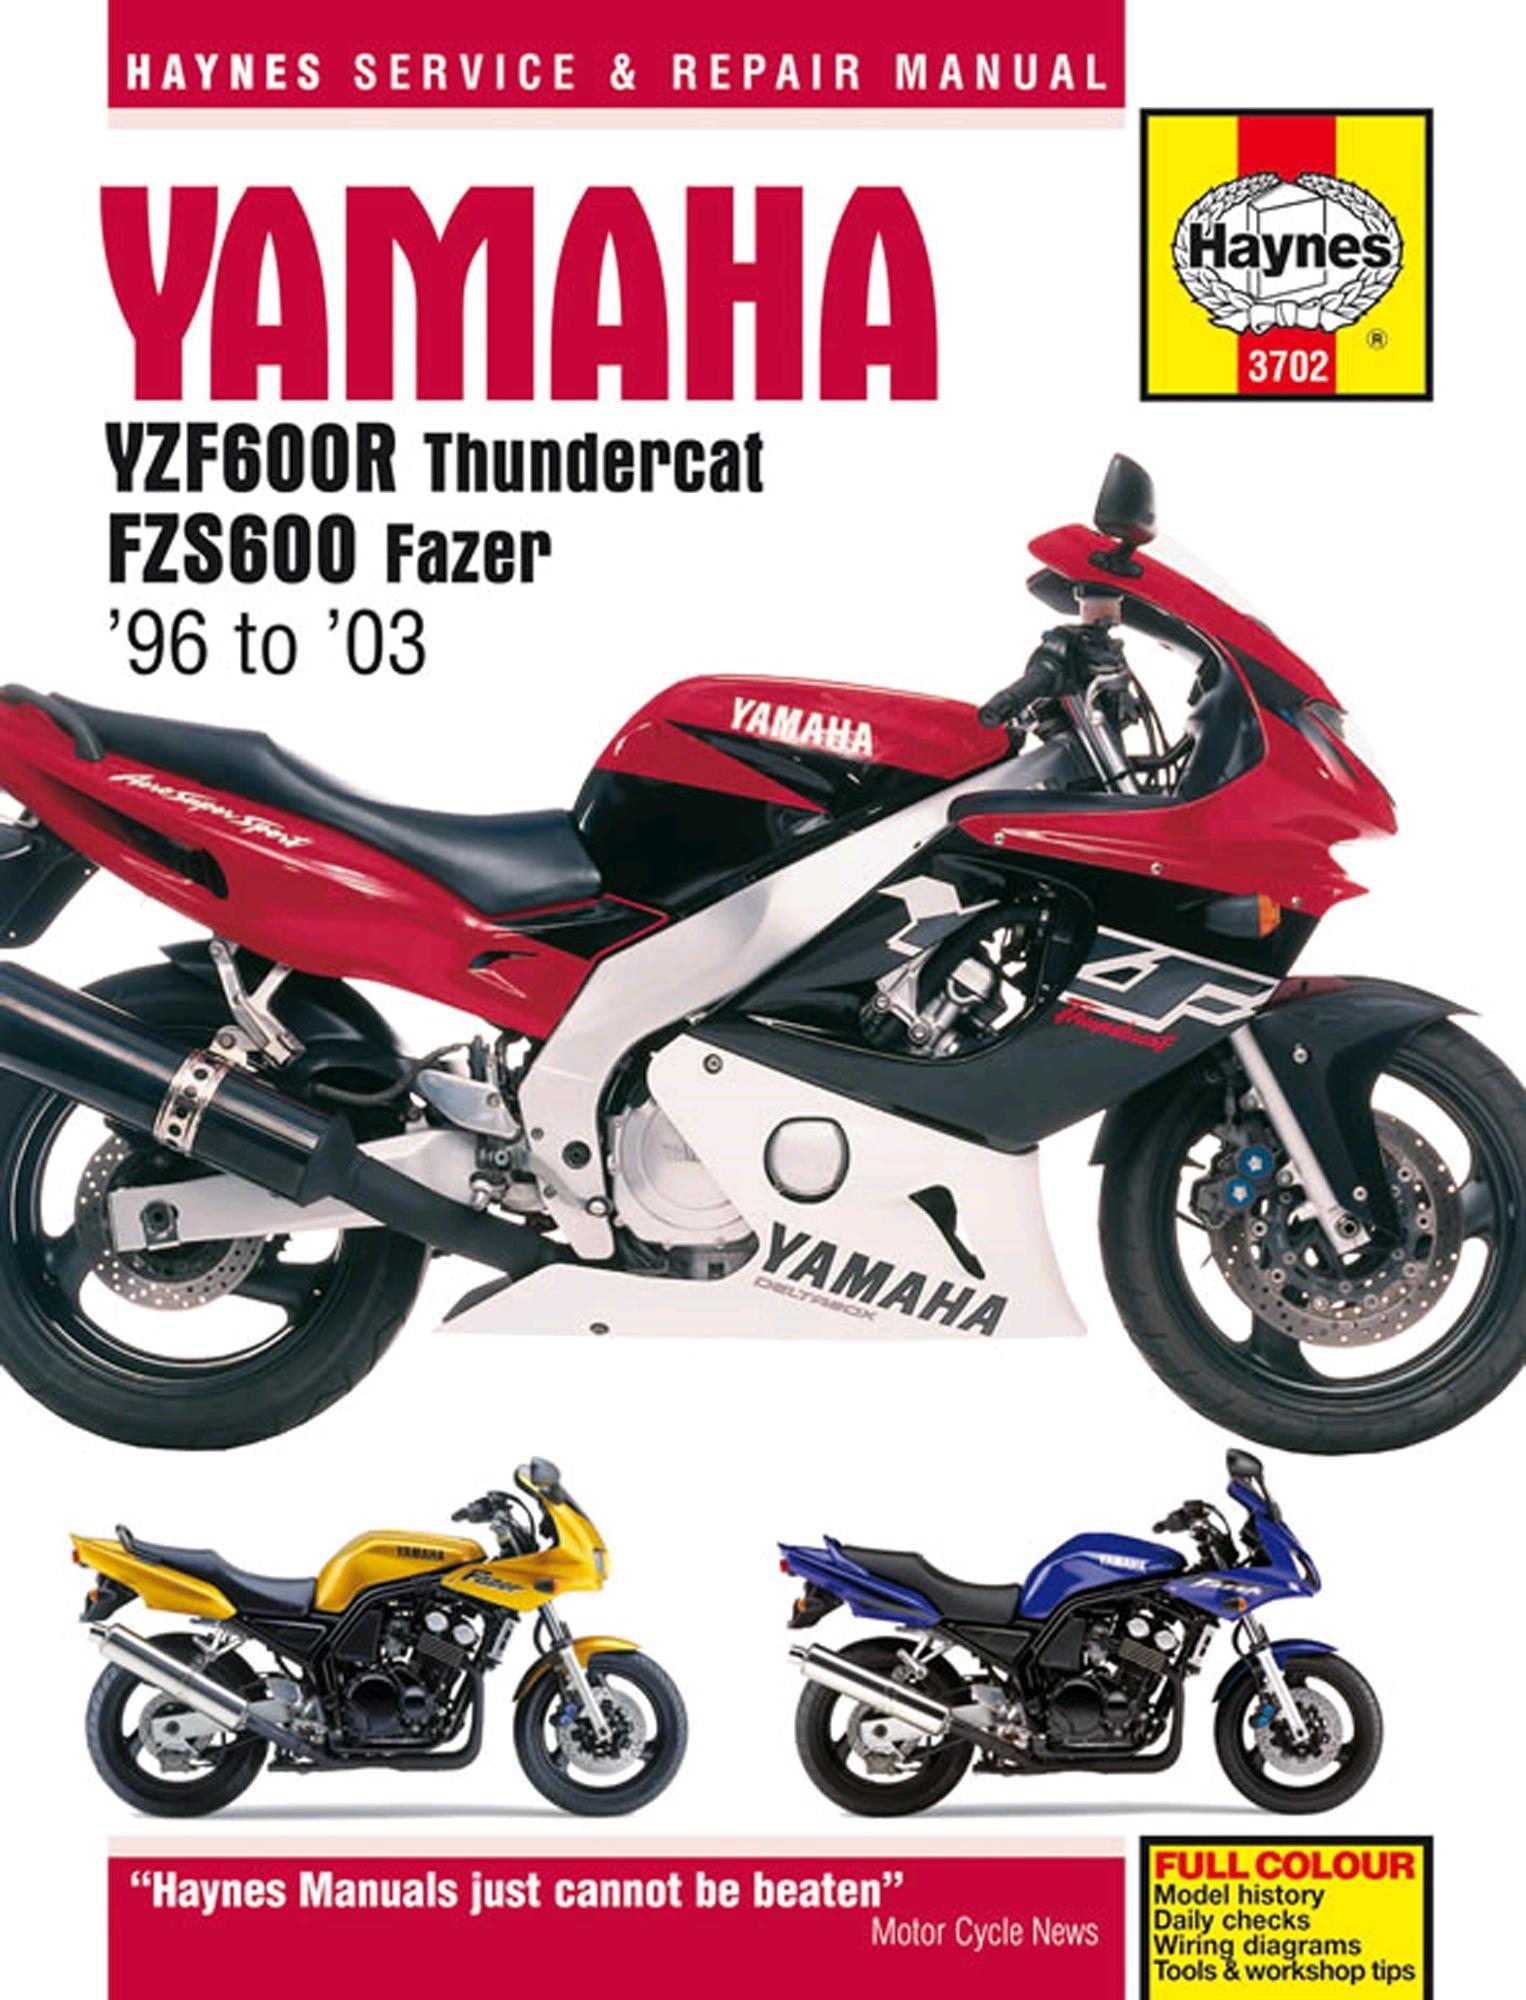 haynes yamaha yzf600r thundercat rh halfords com Blacked Out Yamaha YZF600R Thundercat 2003 Yamaha YZF600R